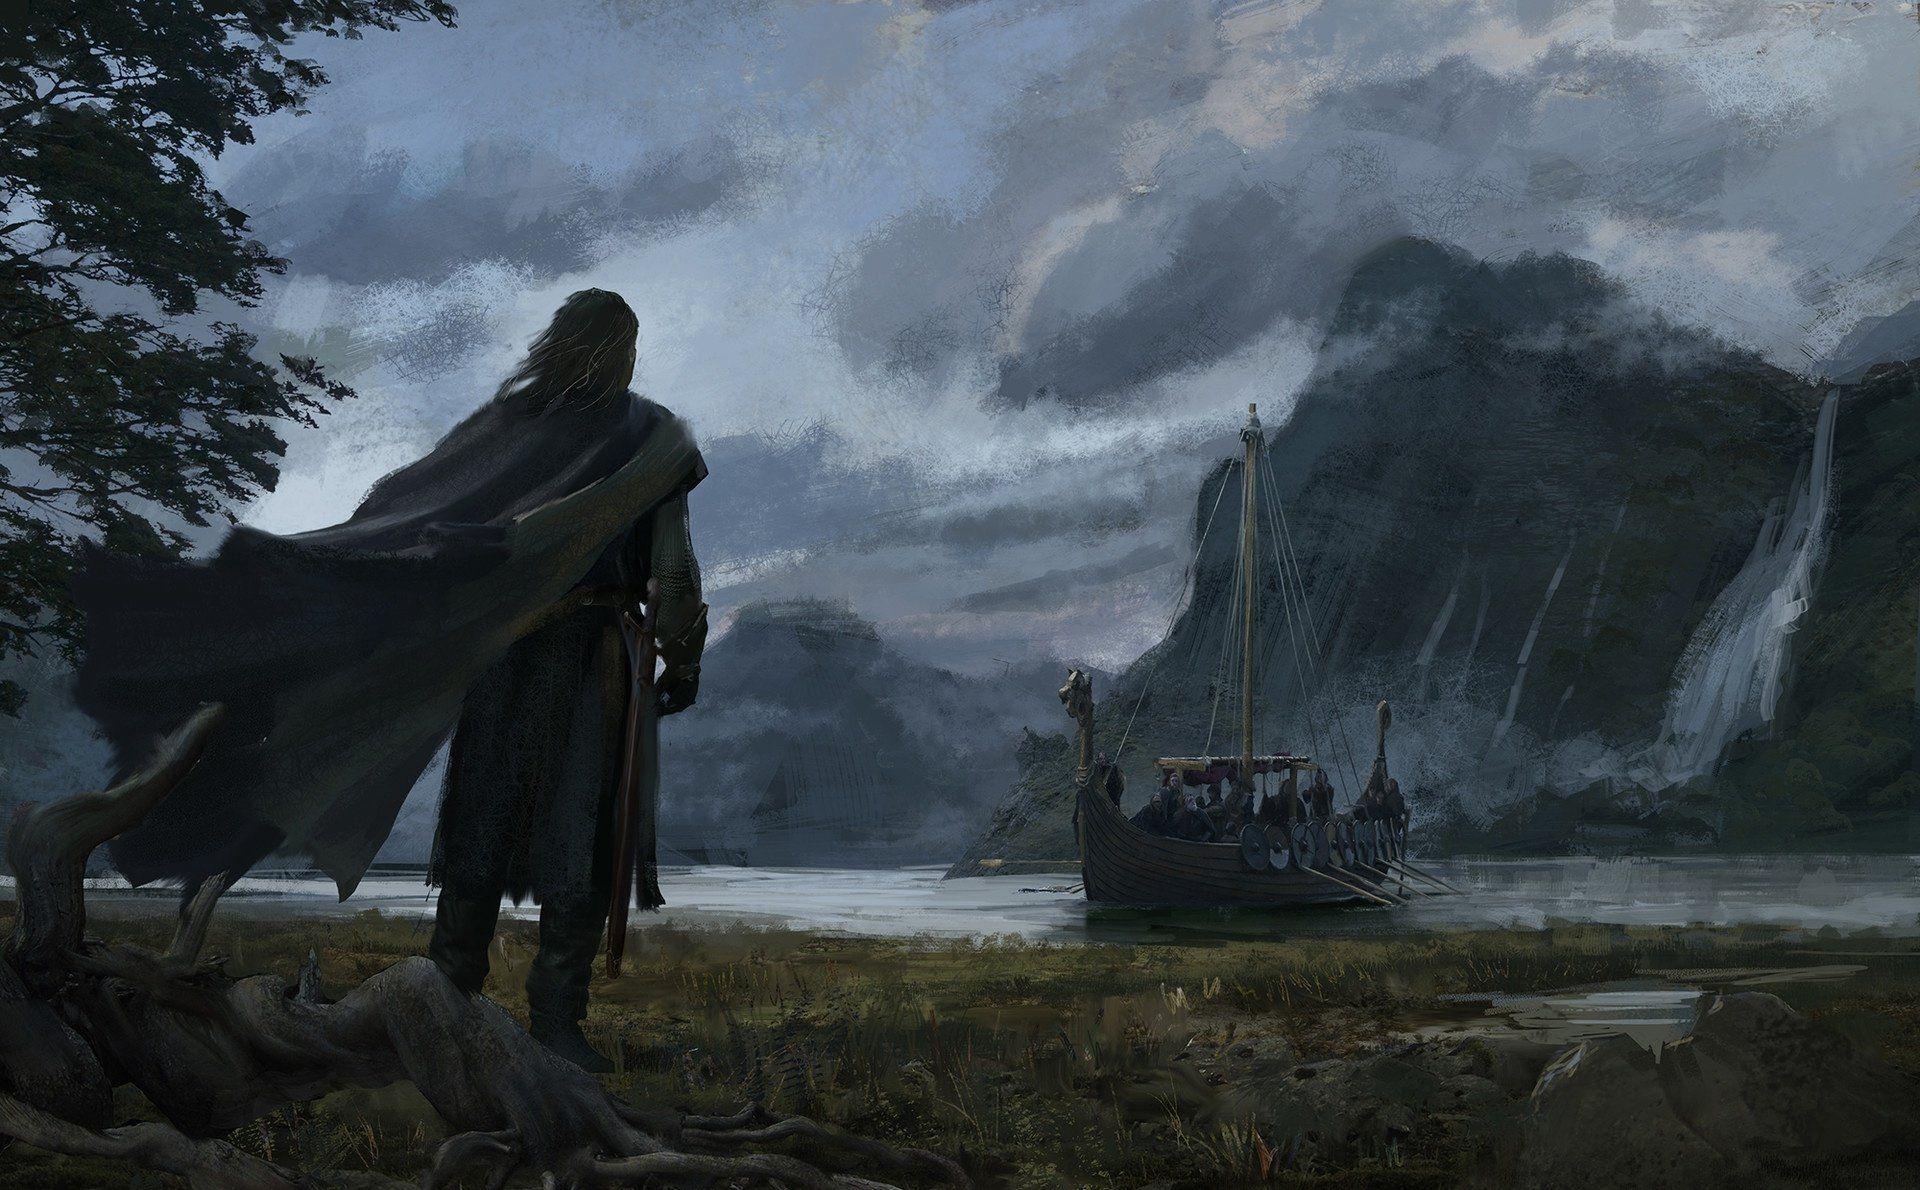 Fantaisie Viking Drakkar Cape Guerrier Ere Bateau Fond D Ecran Fond Ecran Paysage Fantastique Fond Ecran Paysage